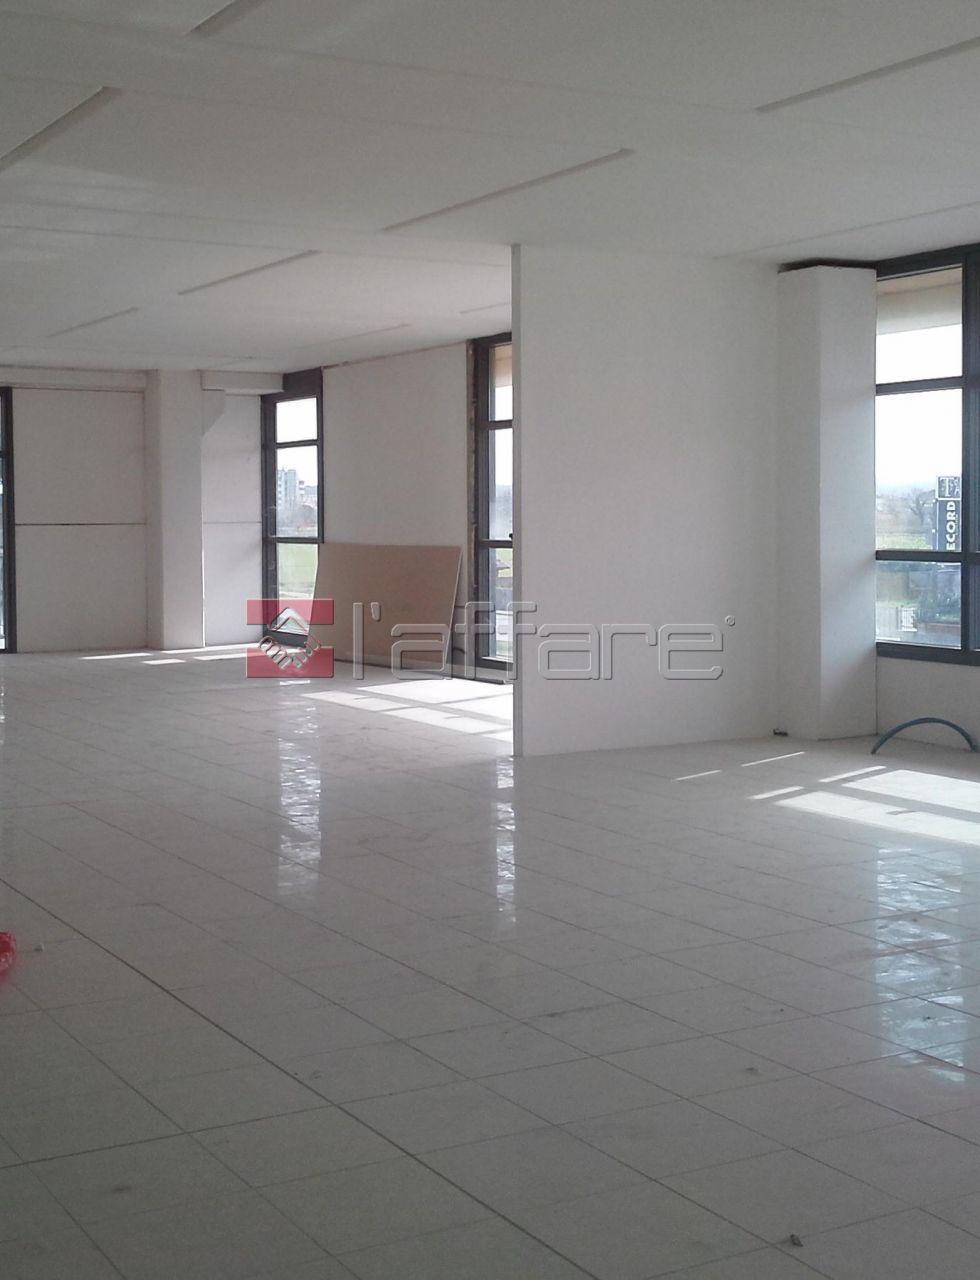 Ufficio / Studio in affitto a Ponsacco, 9999 locali, Trattative riservate | CambioCasa.it